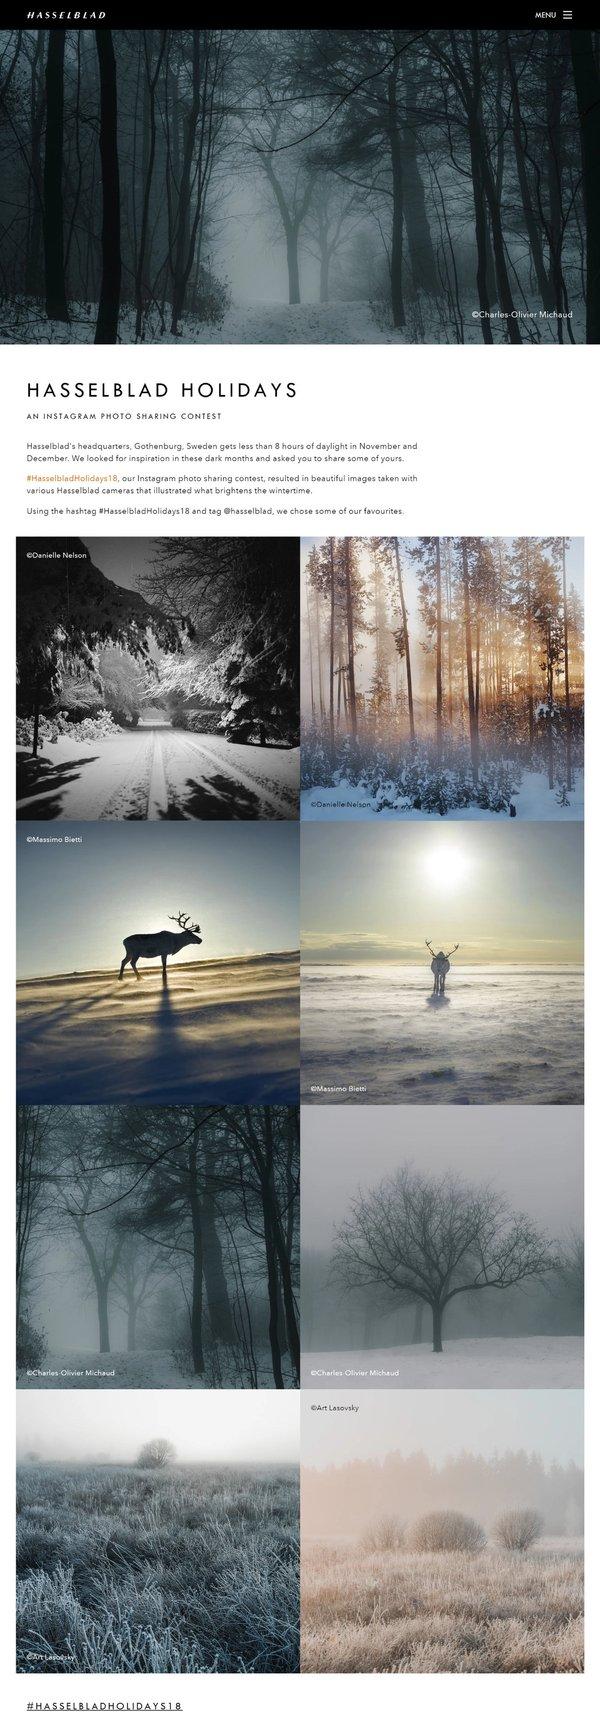 Page on Hasselblad website | Art Lasovsky